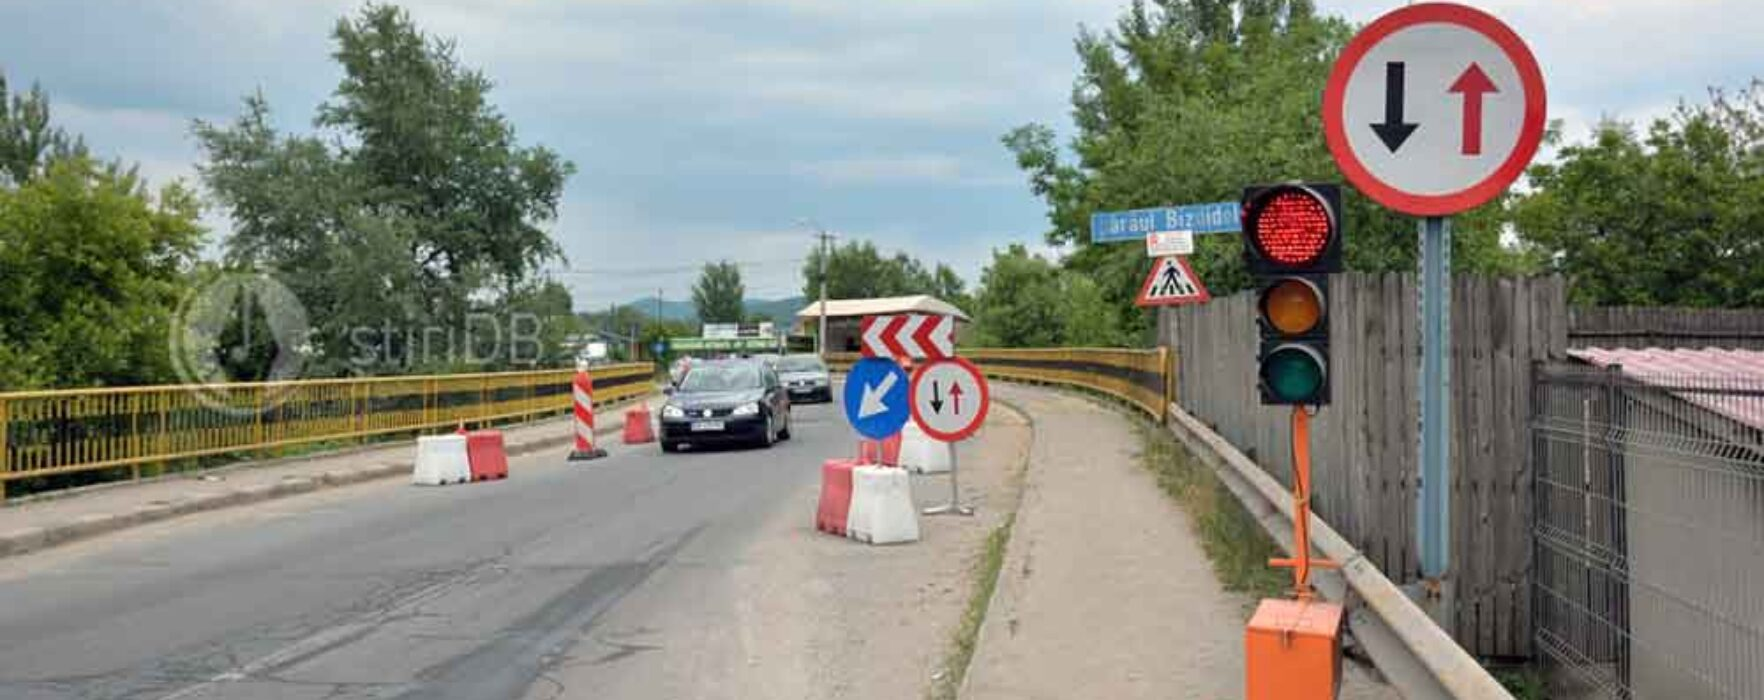 Dâmboviţa: Podul peste Bizdidel în stare avansată de degradare; autorităţile au constatat acum 3 ani că e nevoie de consolidare